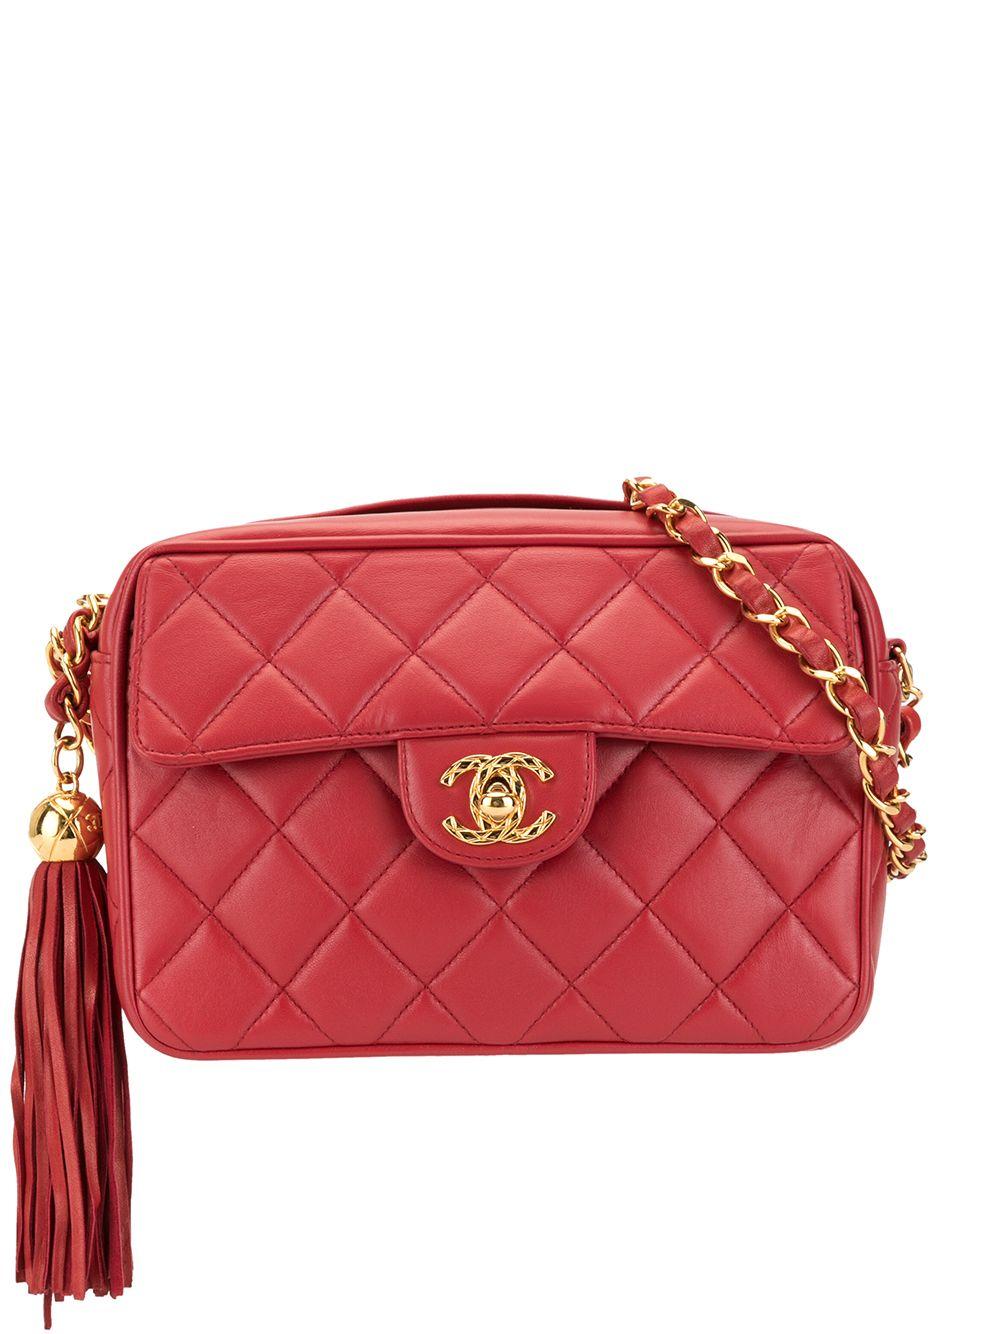 Chanel Pre-Owned Umhängetasche mit Quaste - Rot